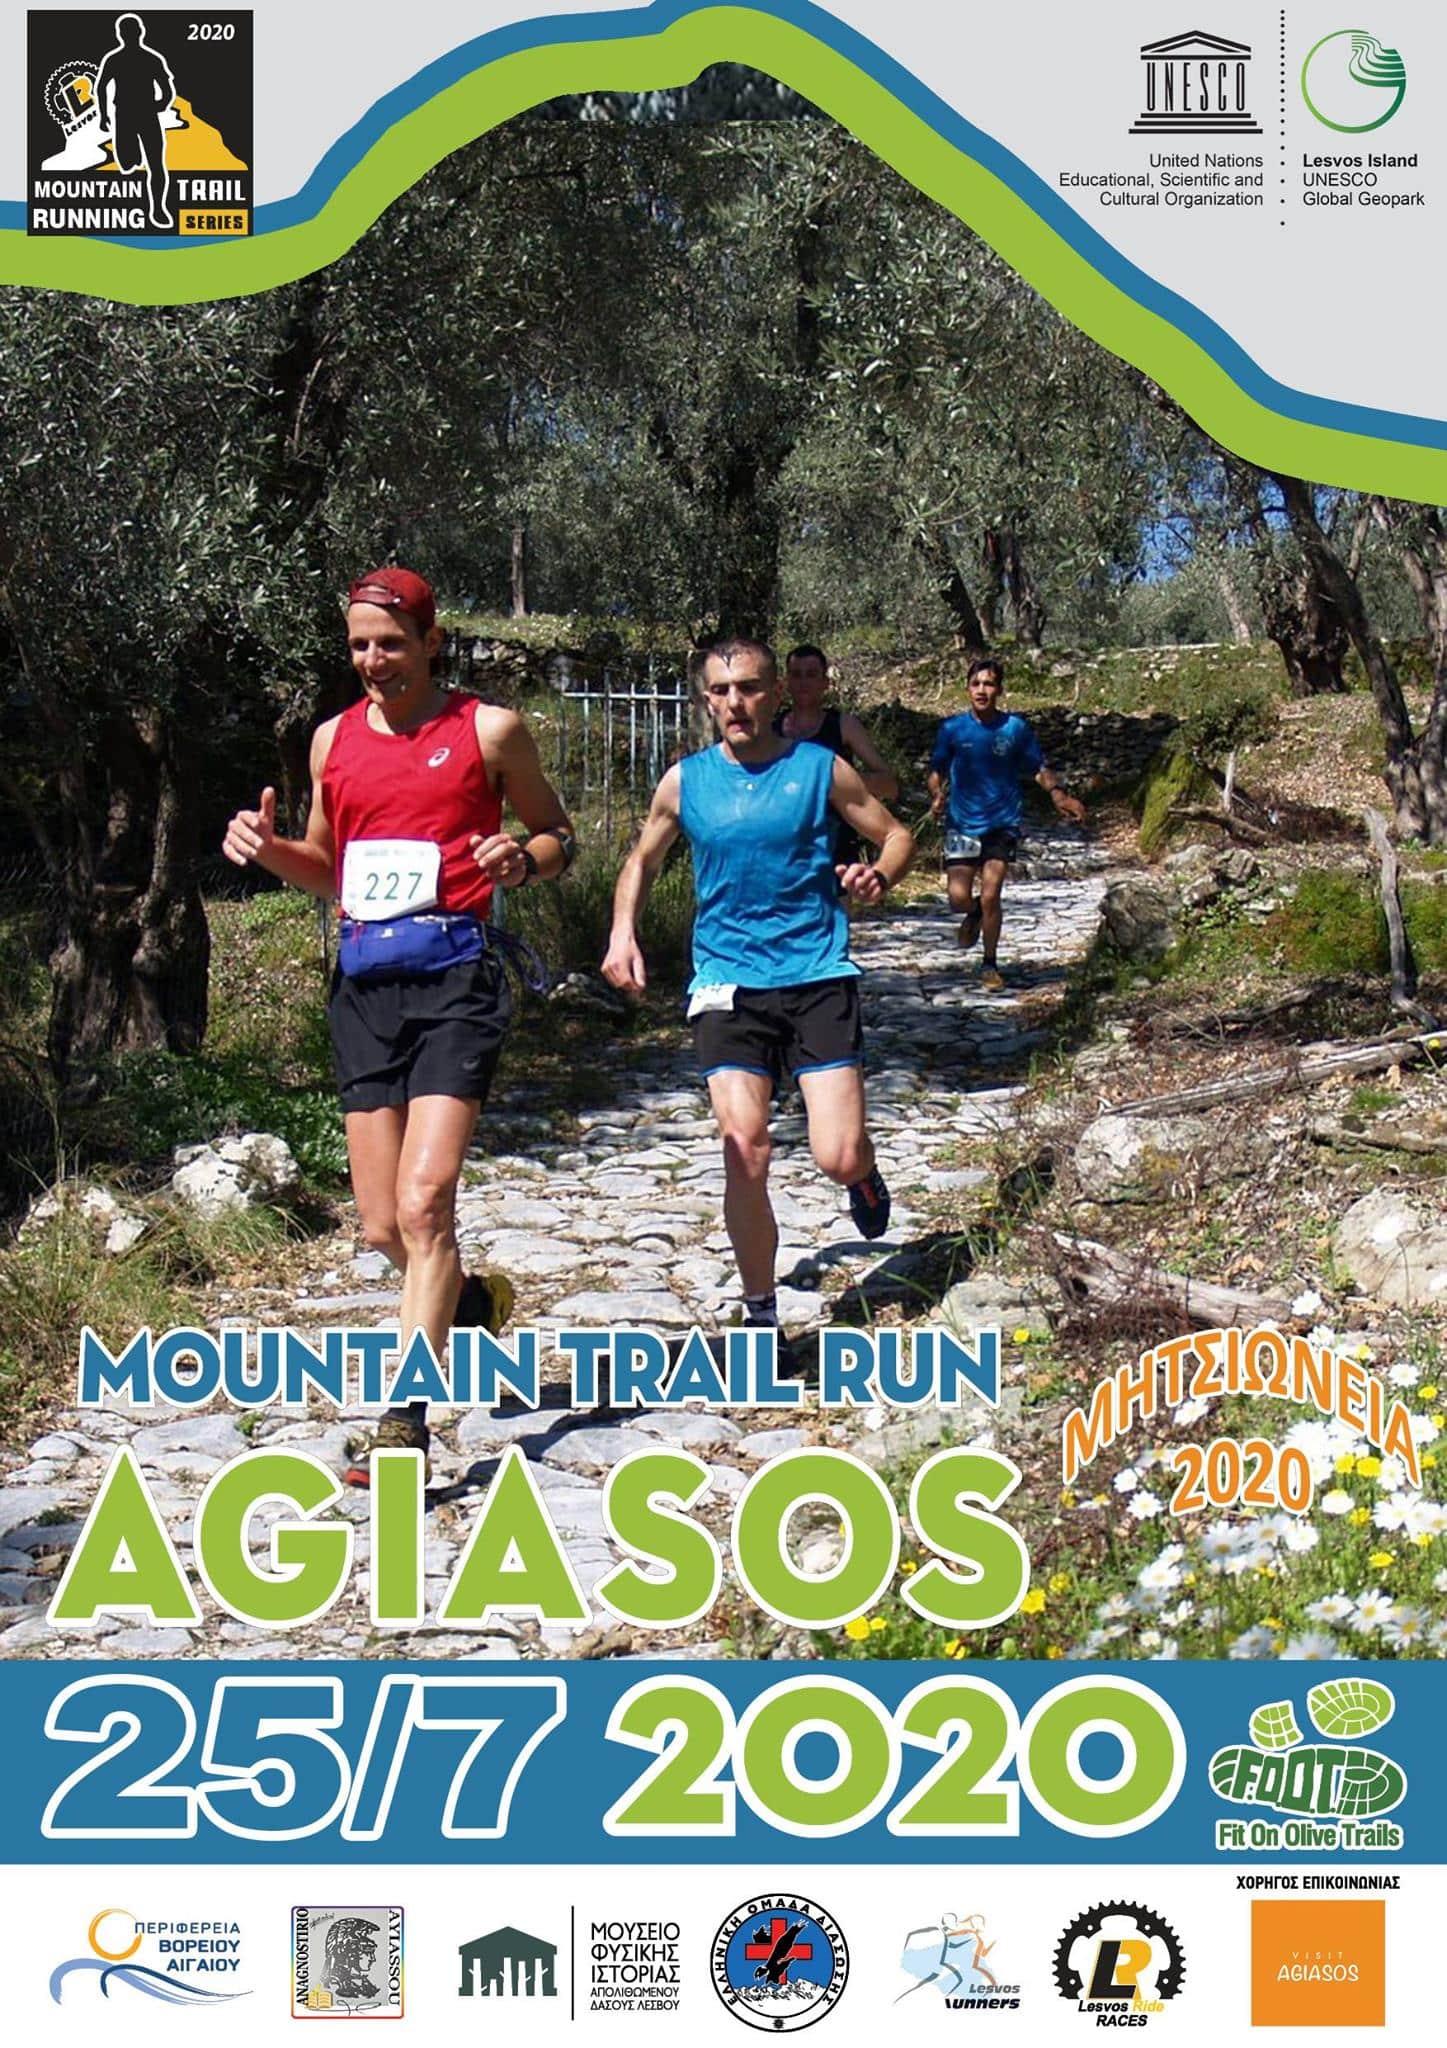 mitsoneia 2020 - Agiasos Trail